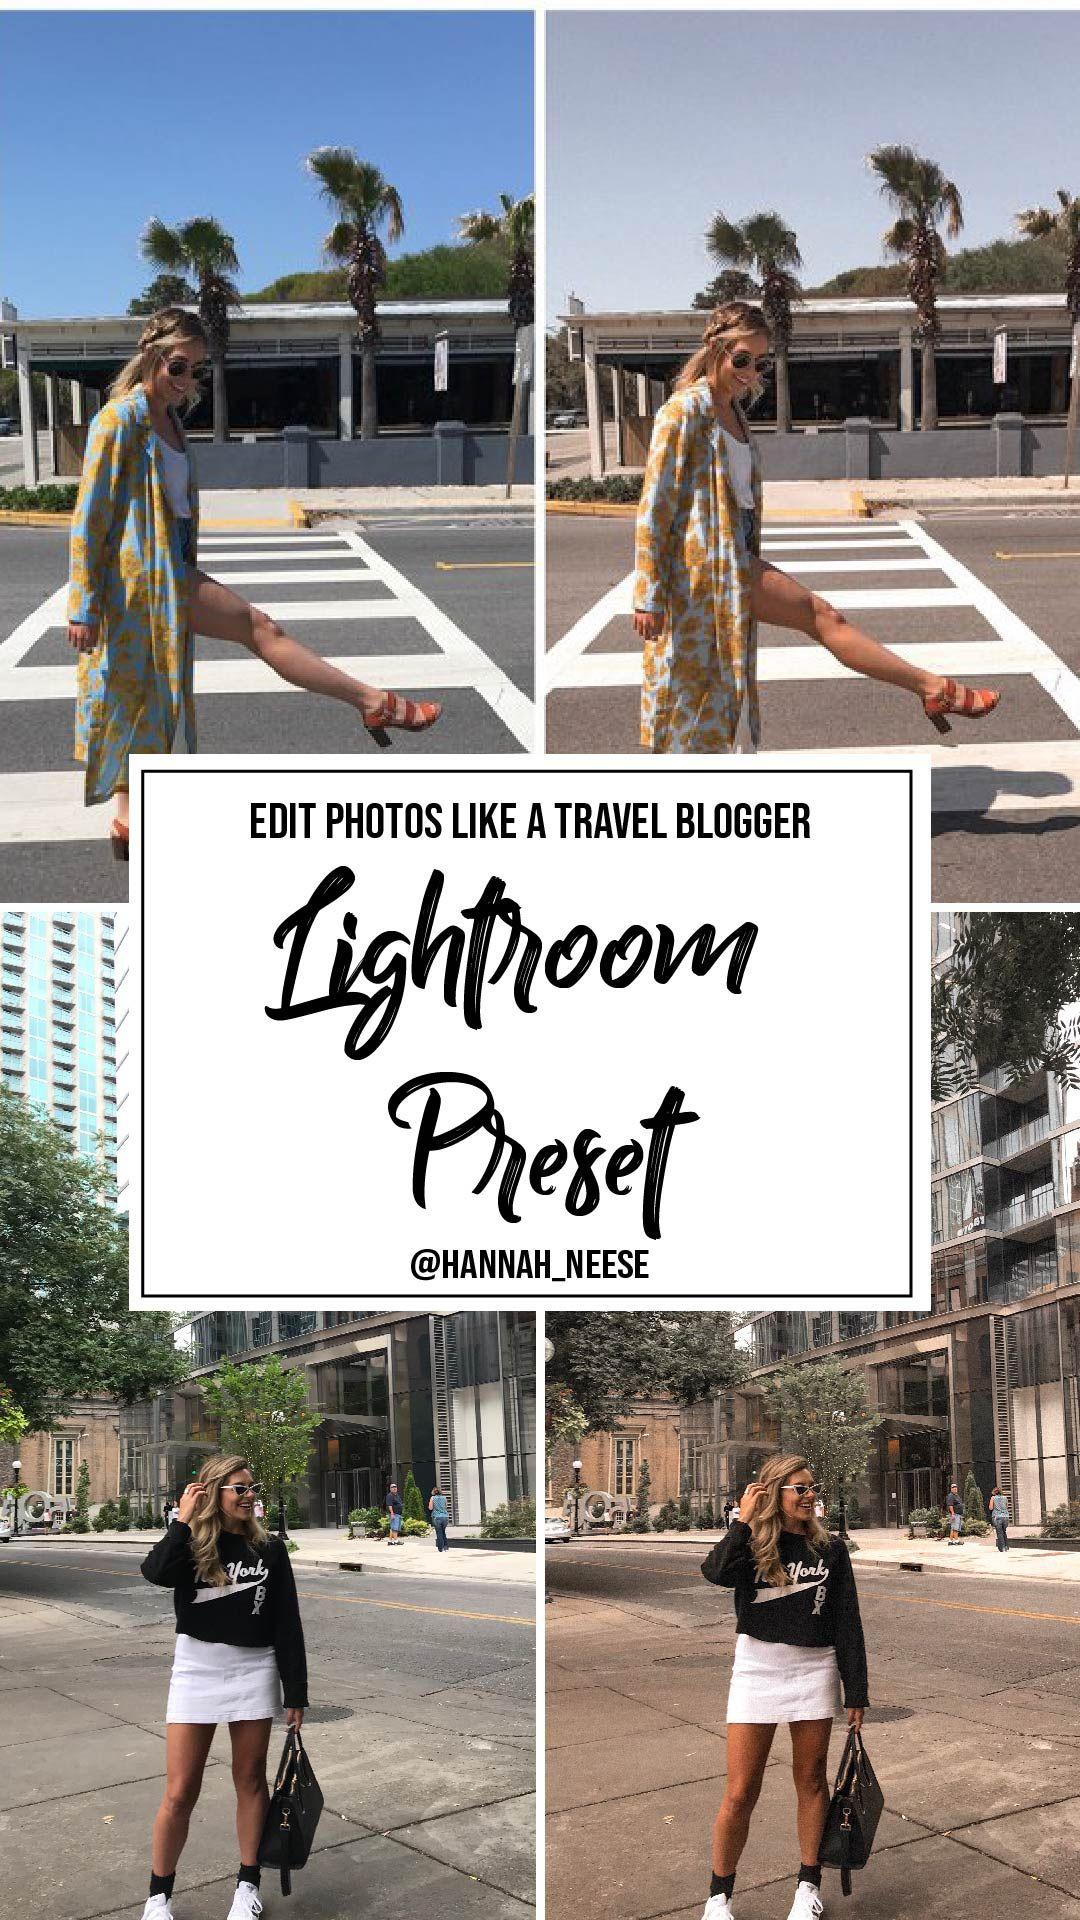 INSTANT DOWNLOAD - Travel Blogger Lightroom Preset, how